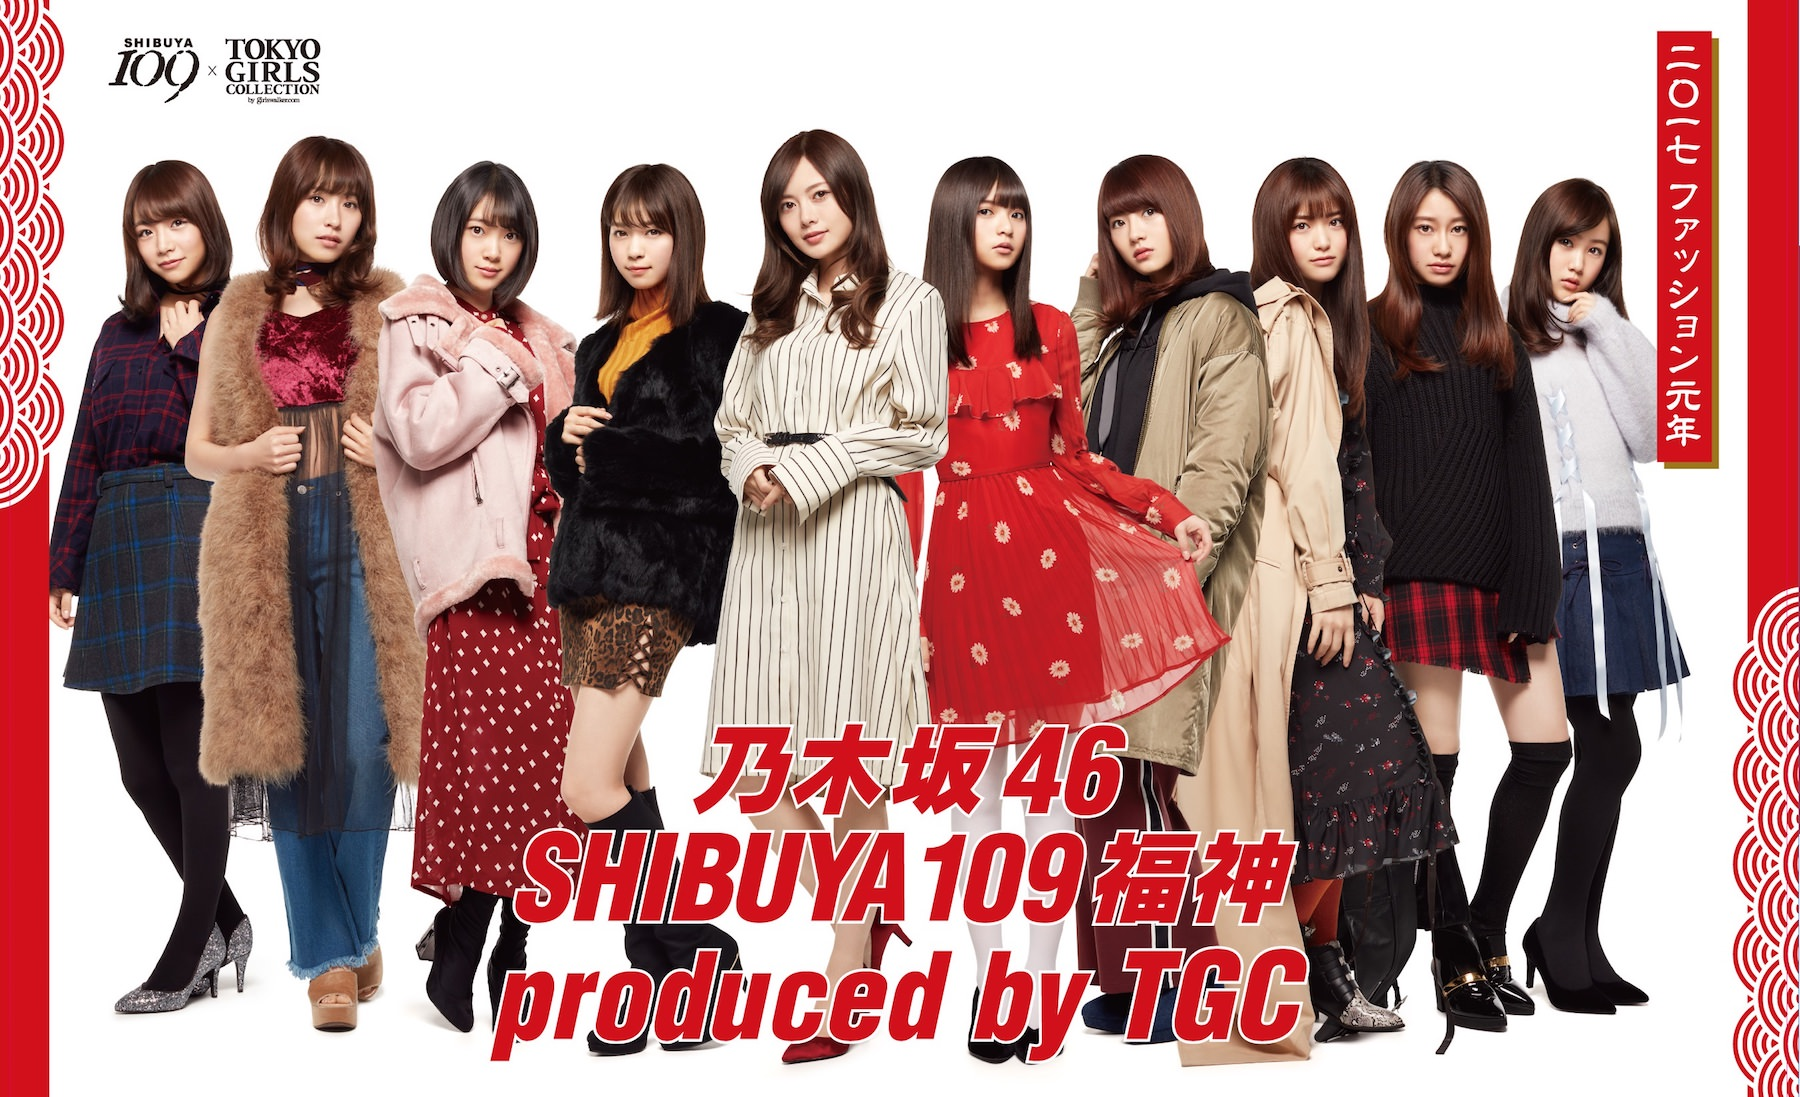 「乃木坂46 SHIBUYA109福神 produced by TGC」の画像検索結果